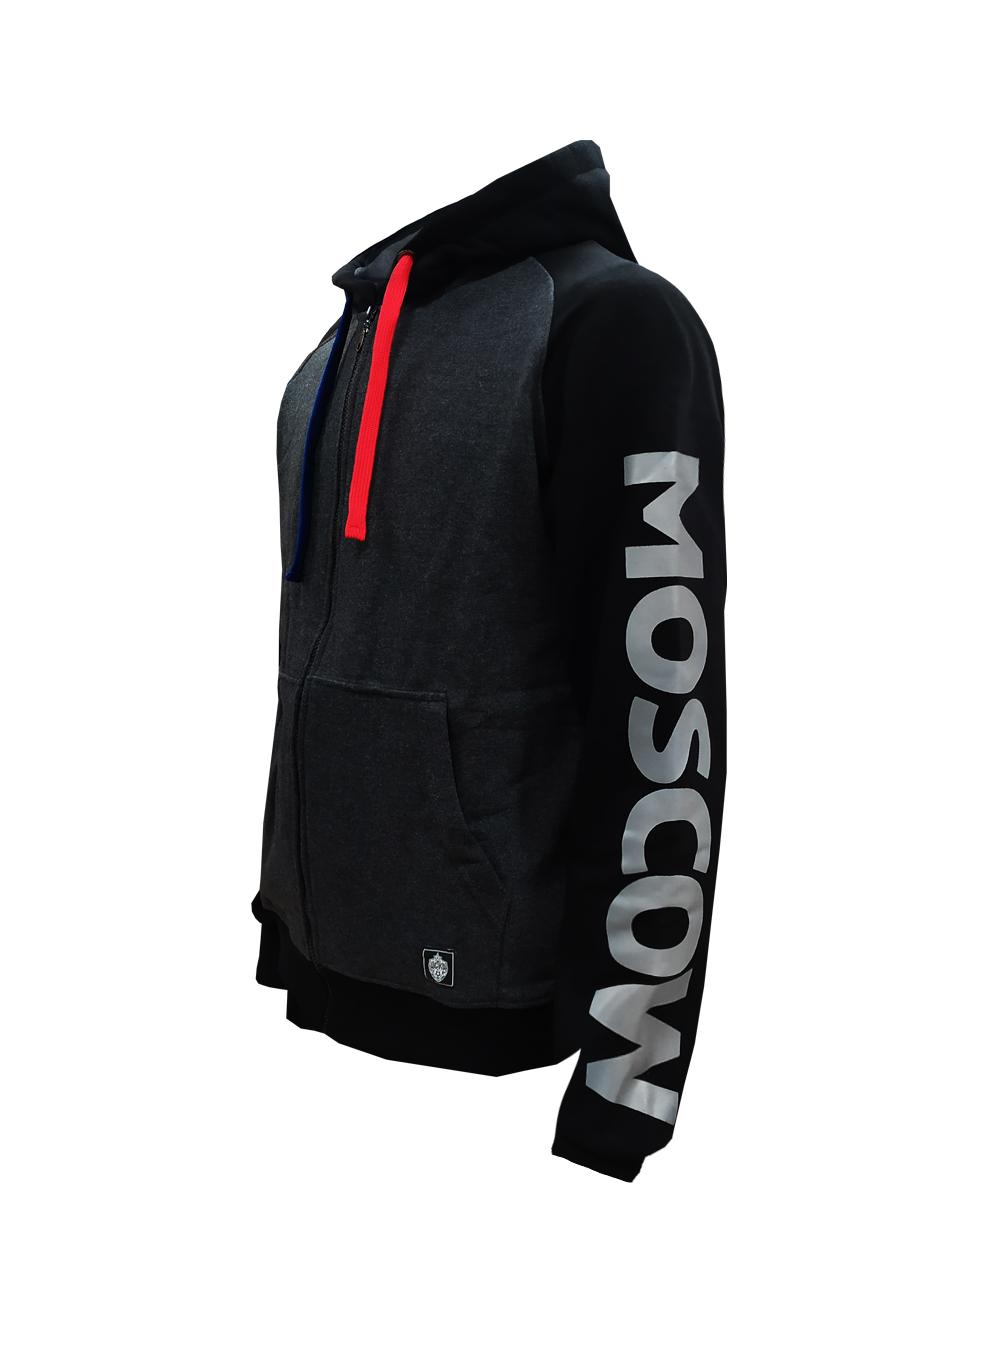 Купить Толстовка на молнии PFC CSKA MOSCOW, цвет серый (M) по Нижнему Новгороду